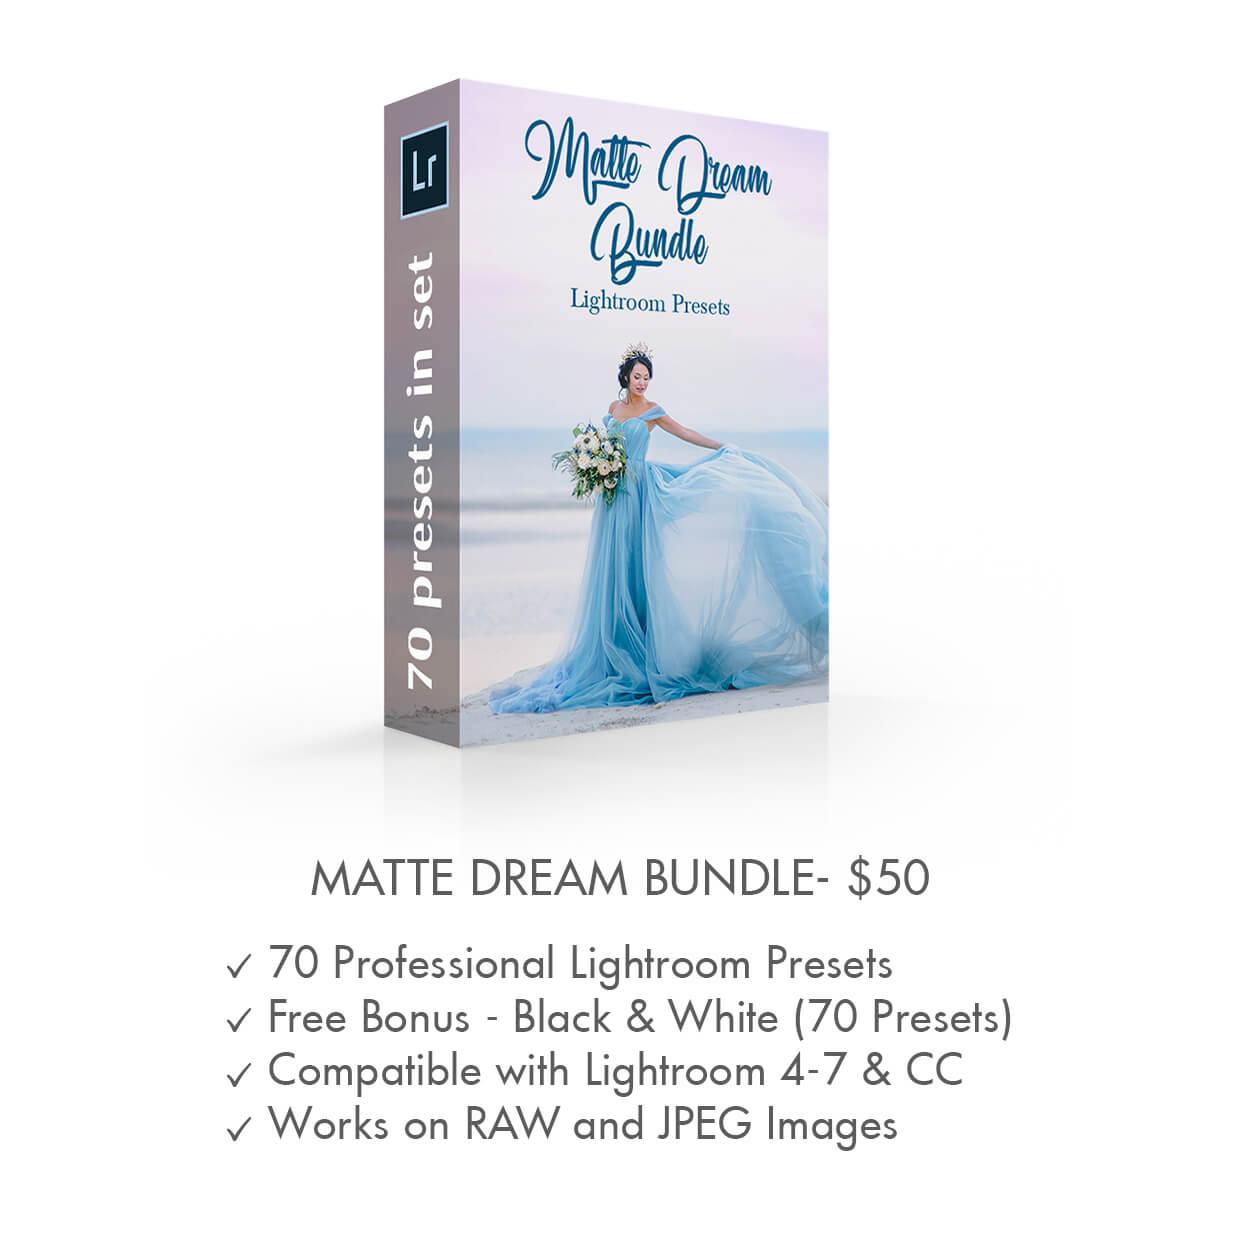 Matte Dream Lightroom Presets